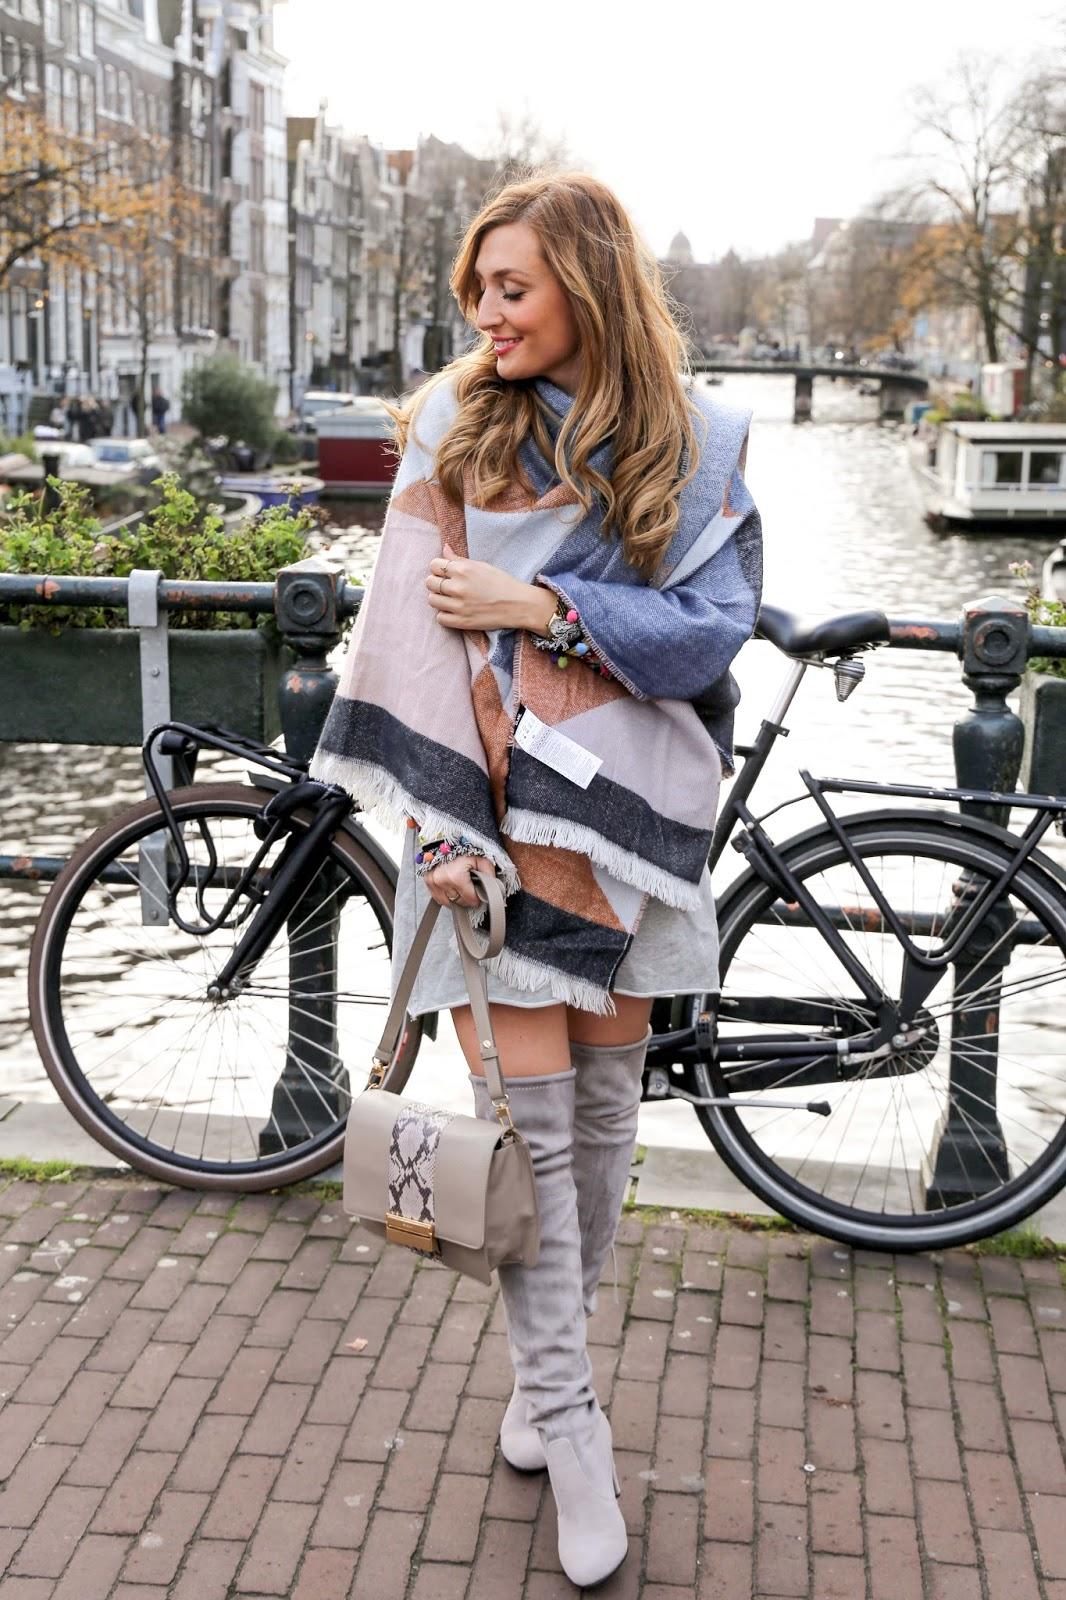 Fashionstylebyjohanna-blogger-aus-deutschland-lifestyleblogger-grazia-magazin-was-ist-derzeit-im-trend